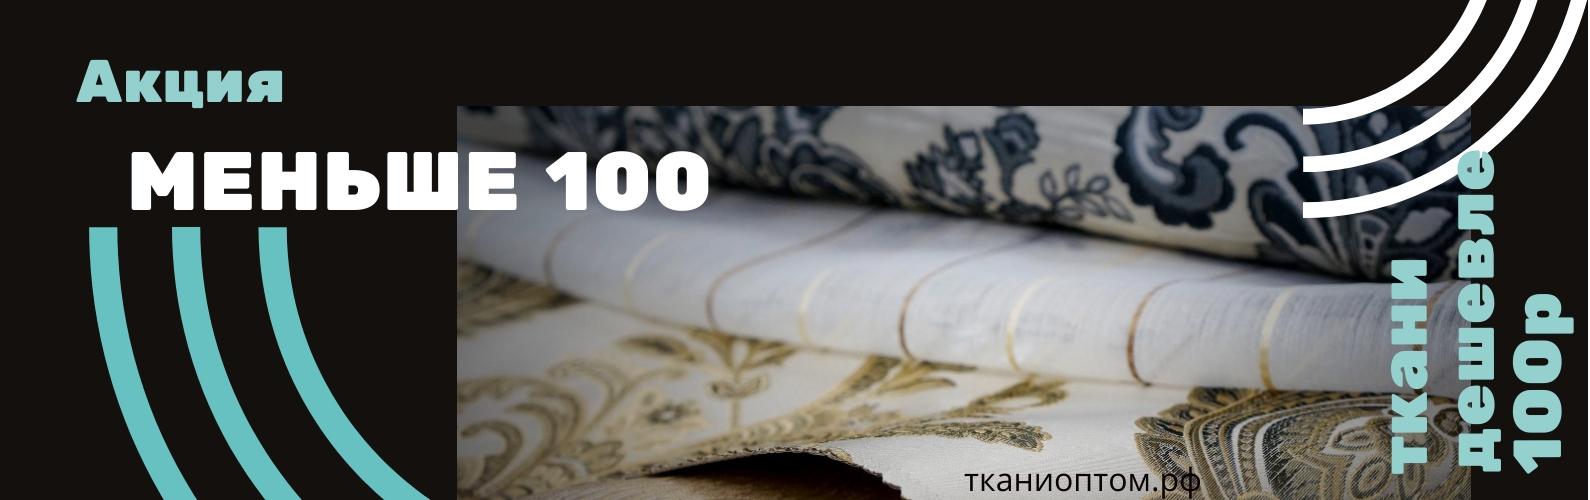 акция меньше 100 р за шторы